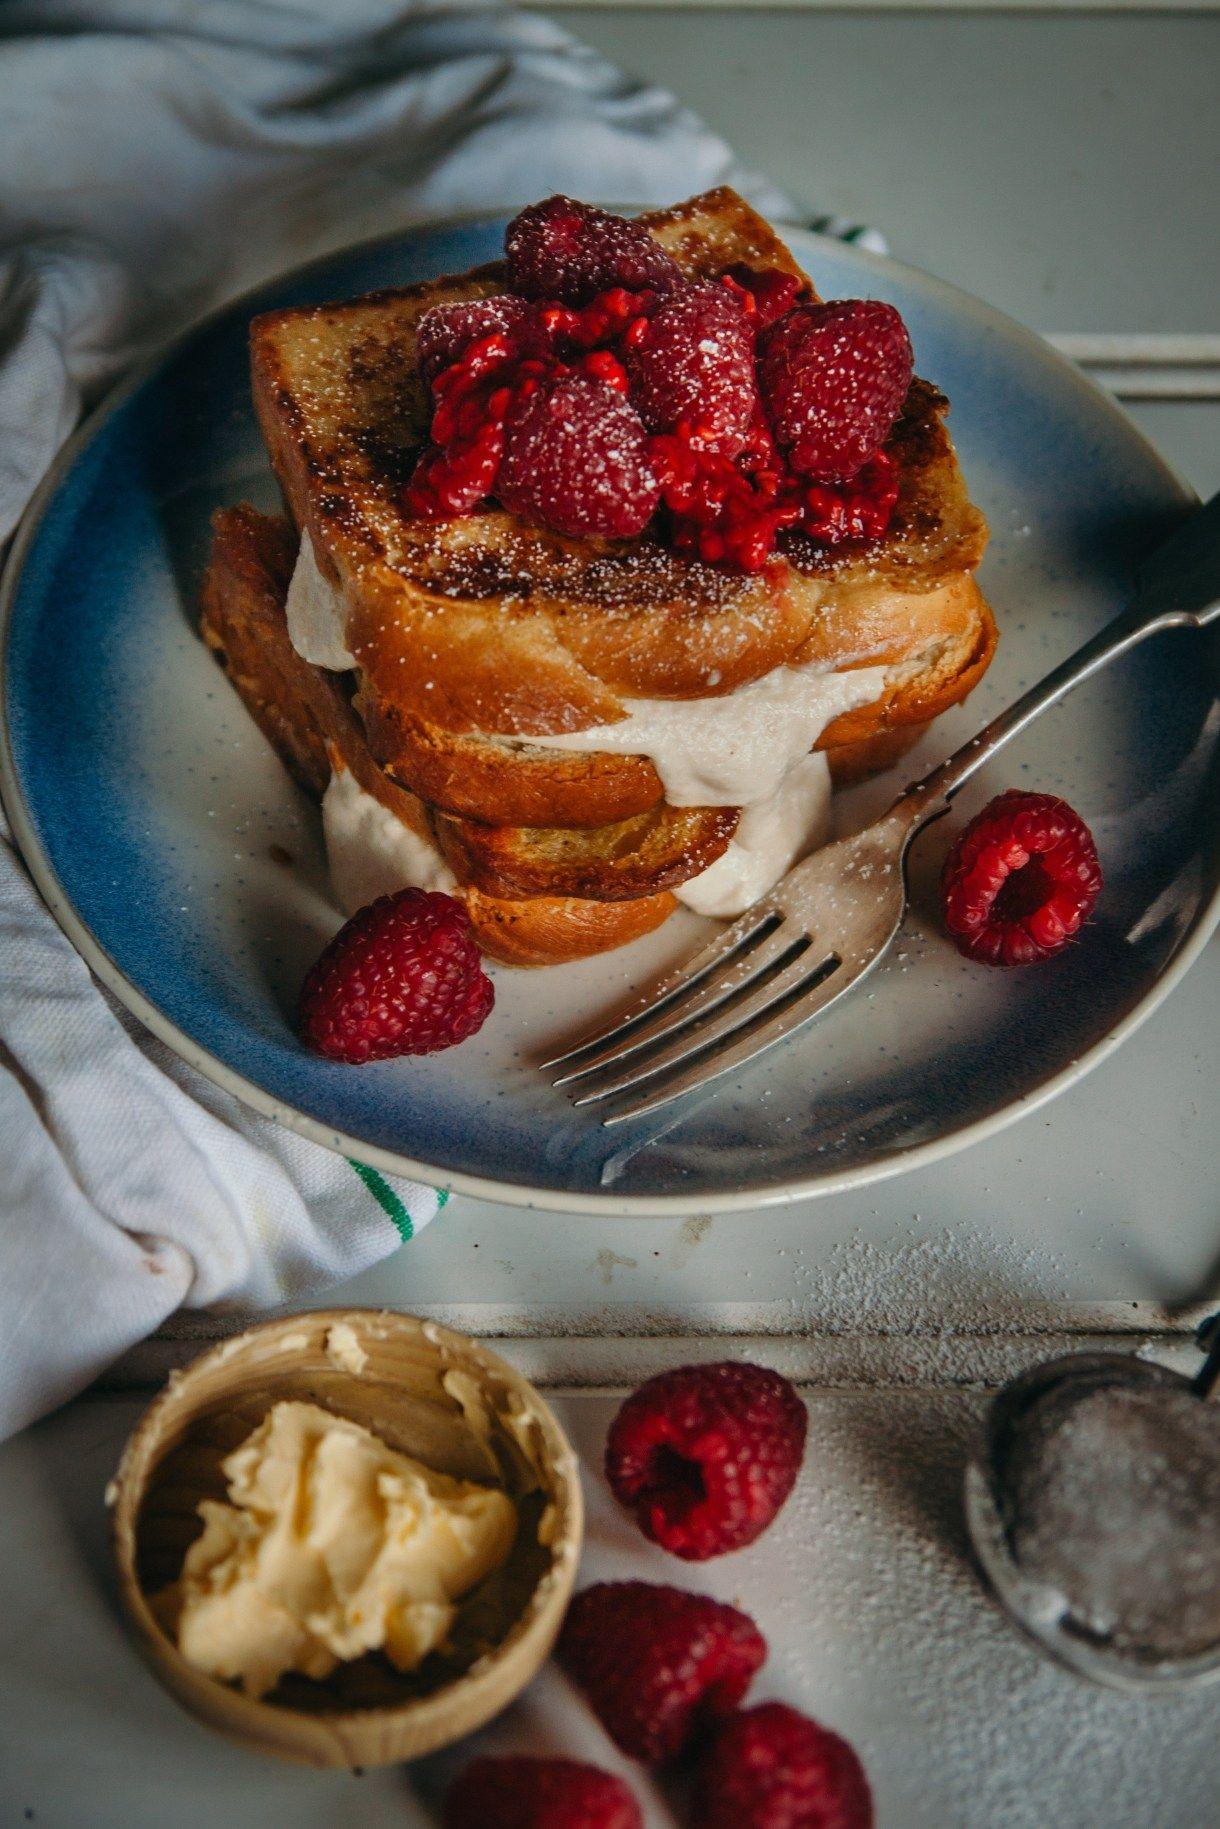 Photo of Stuffed Vegan French Toast – Cashew Cream and Raspberries